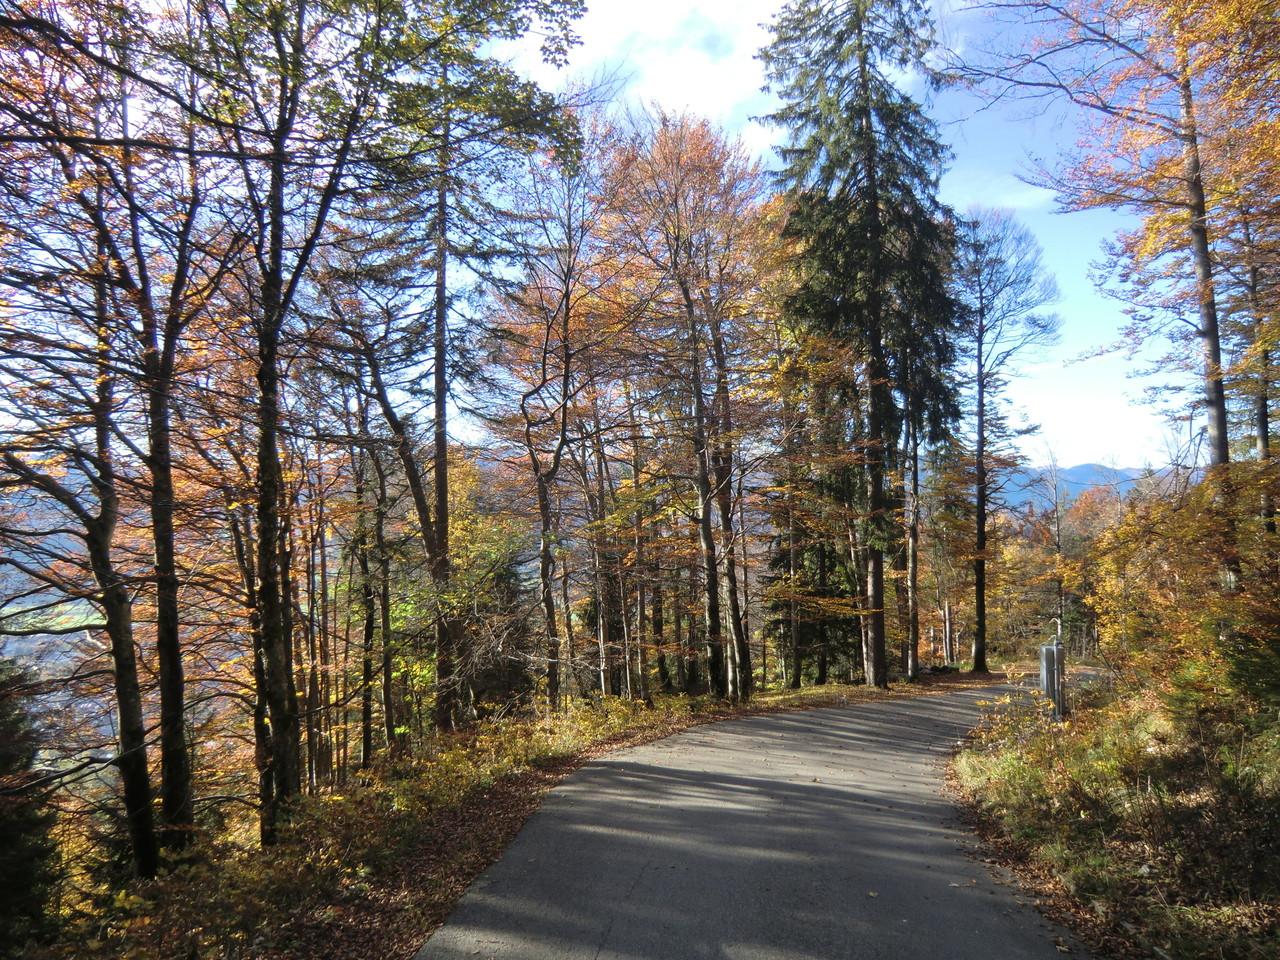 bergab durch herbstliche Wälder